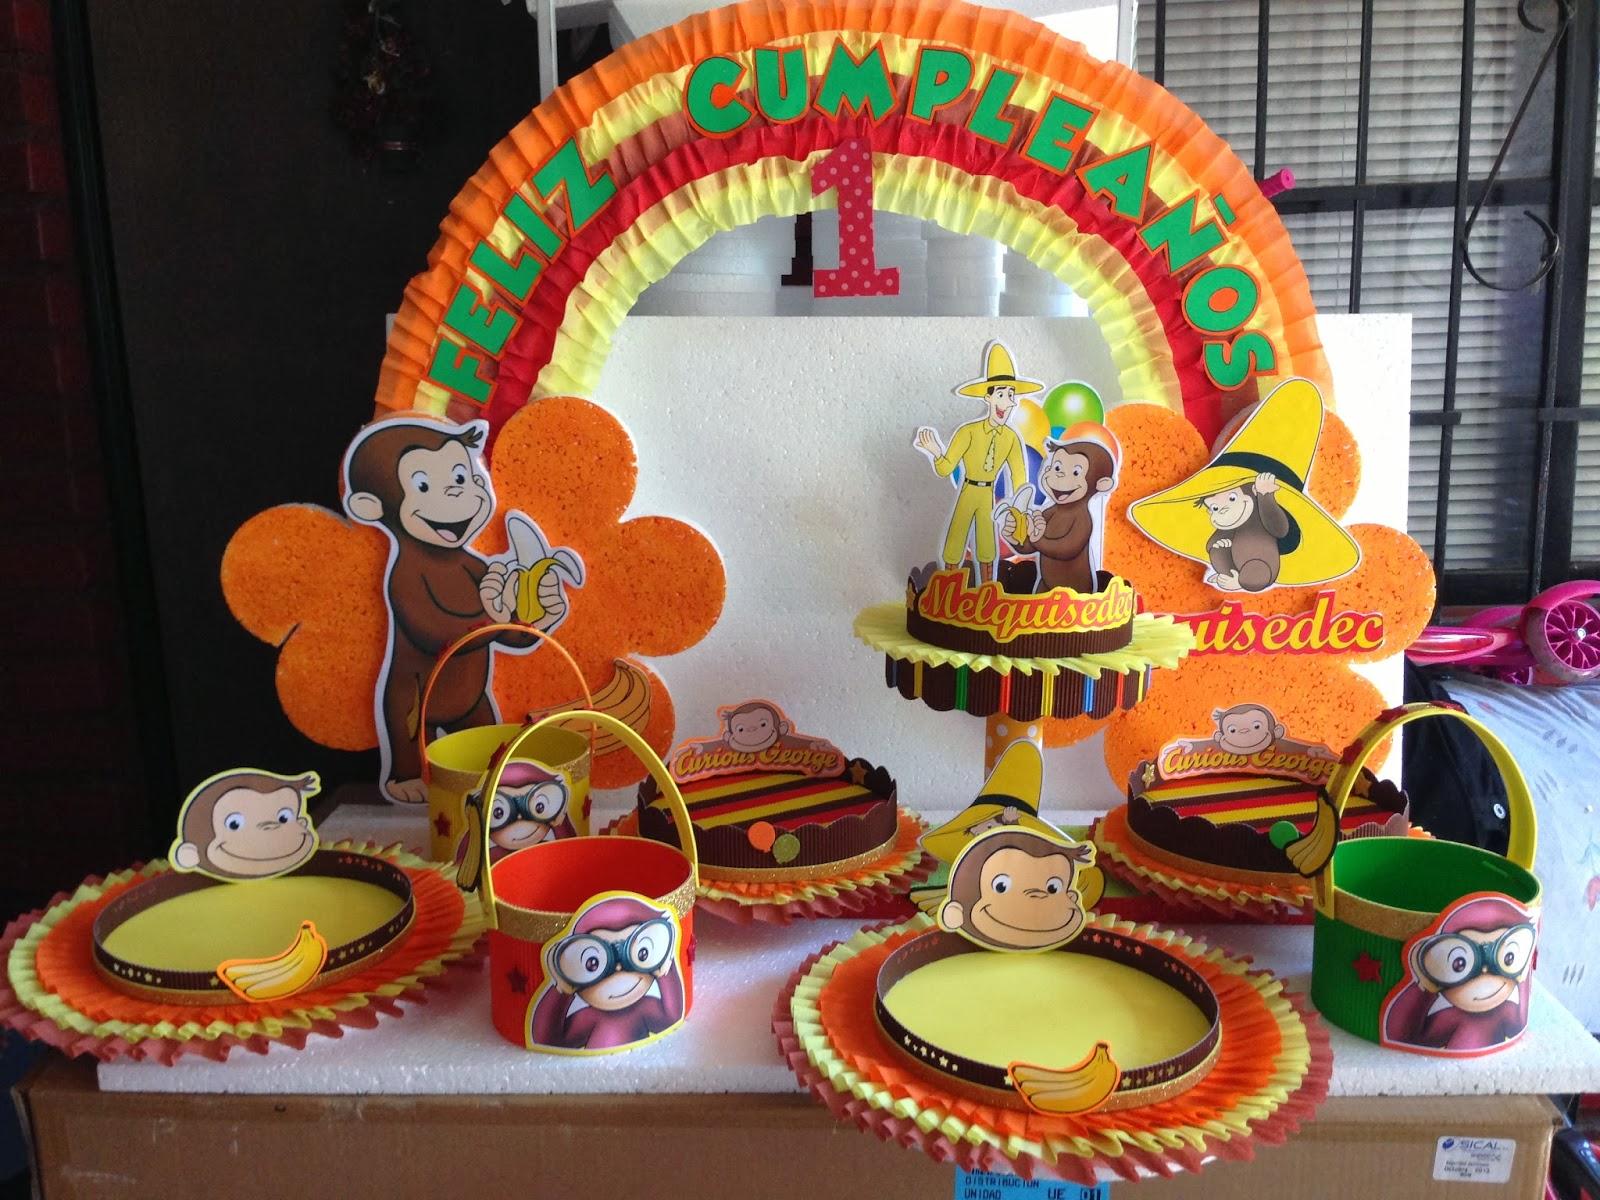 Decoraciones infantiles jorge el curioso for Decoraciones infantiles